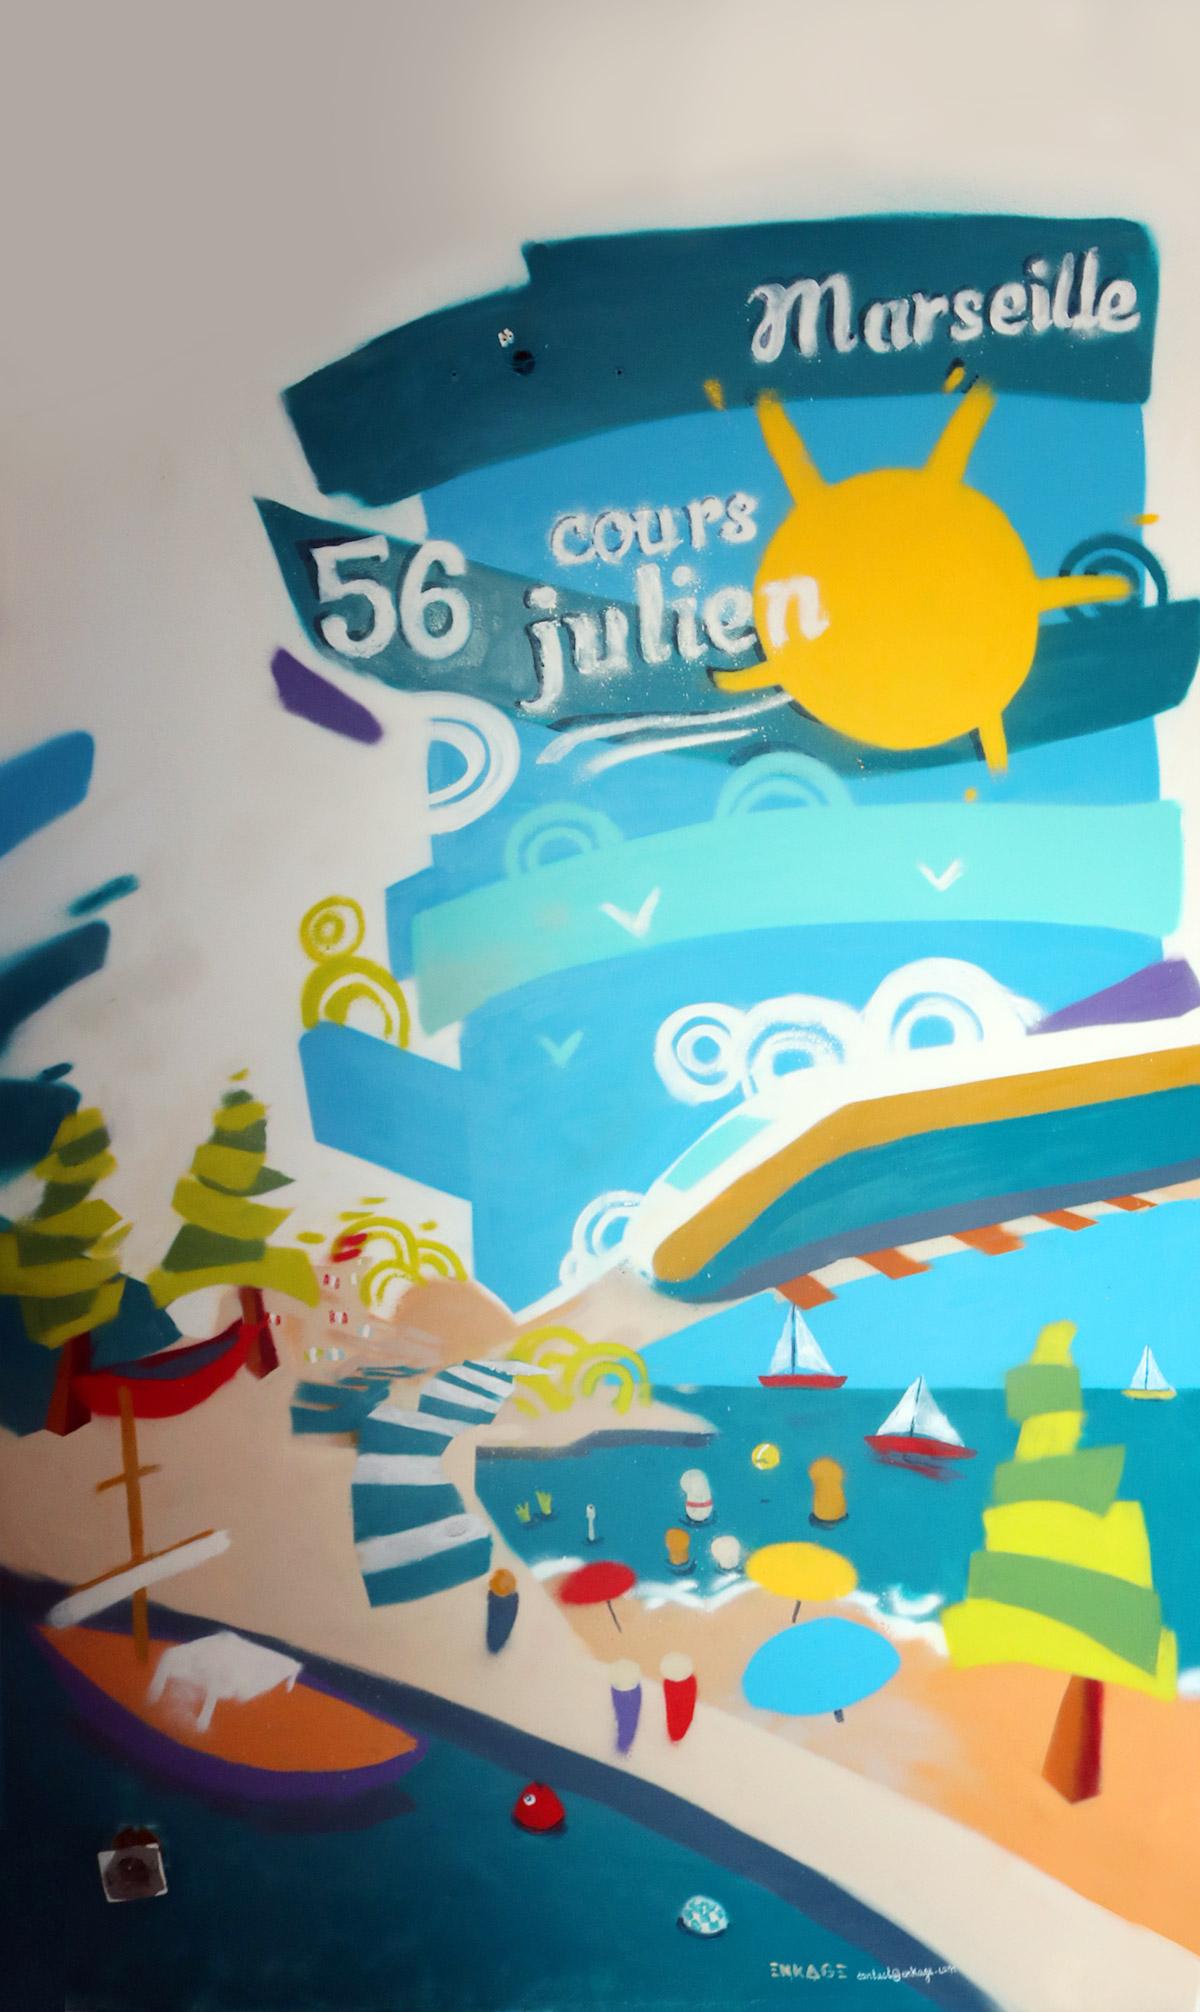 Peinture décoration intérieur moderne en graffiti pour un appartement de location saisonnière sur Marseille réalisé par Enkage